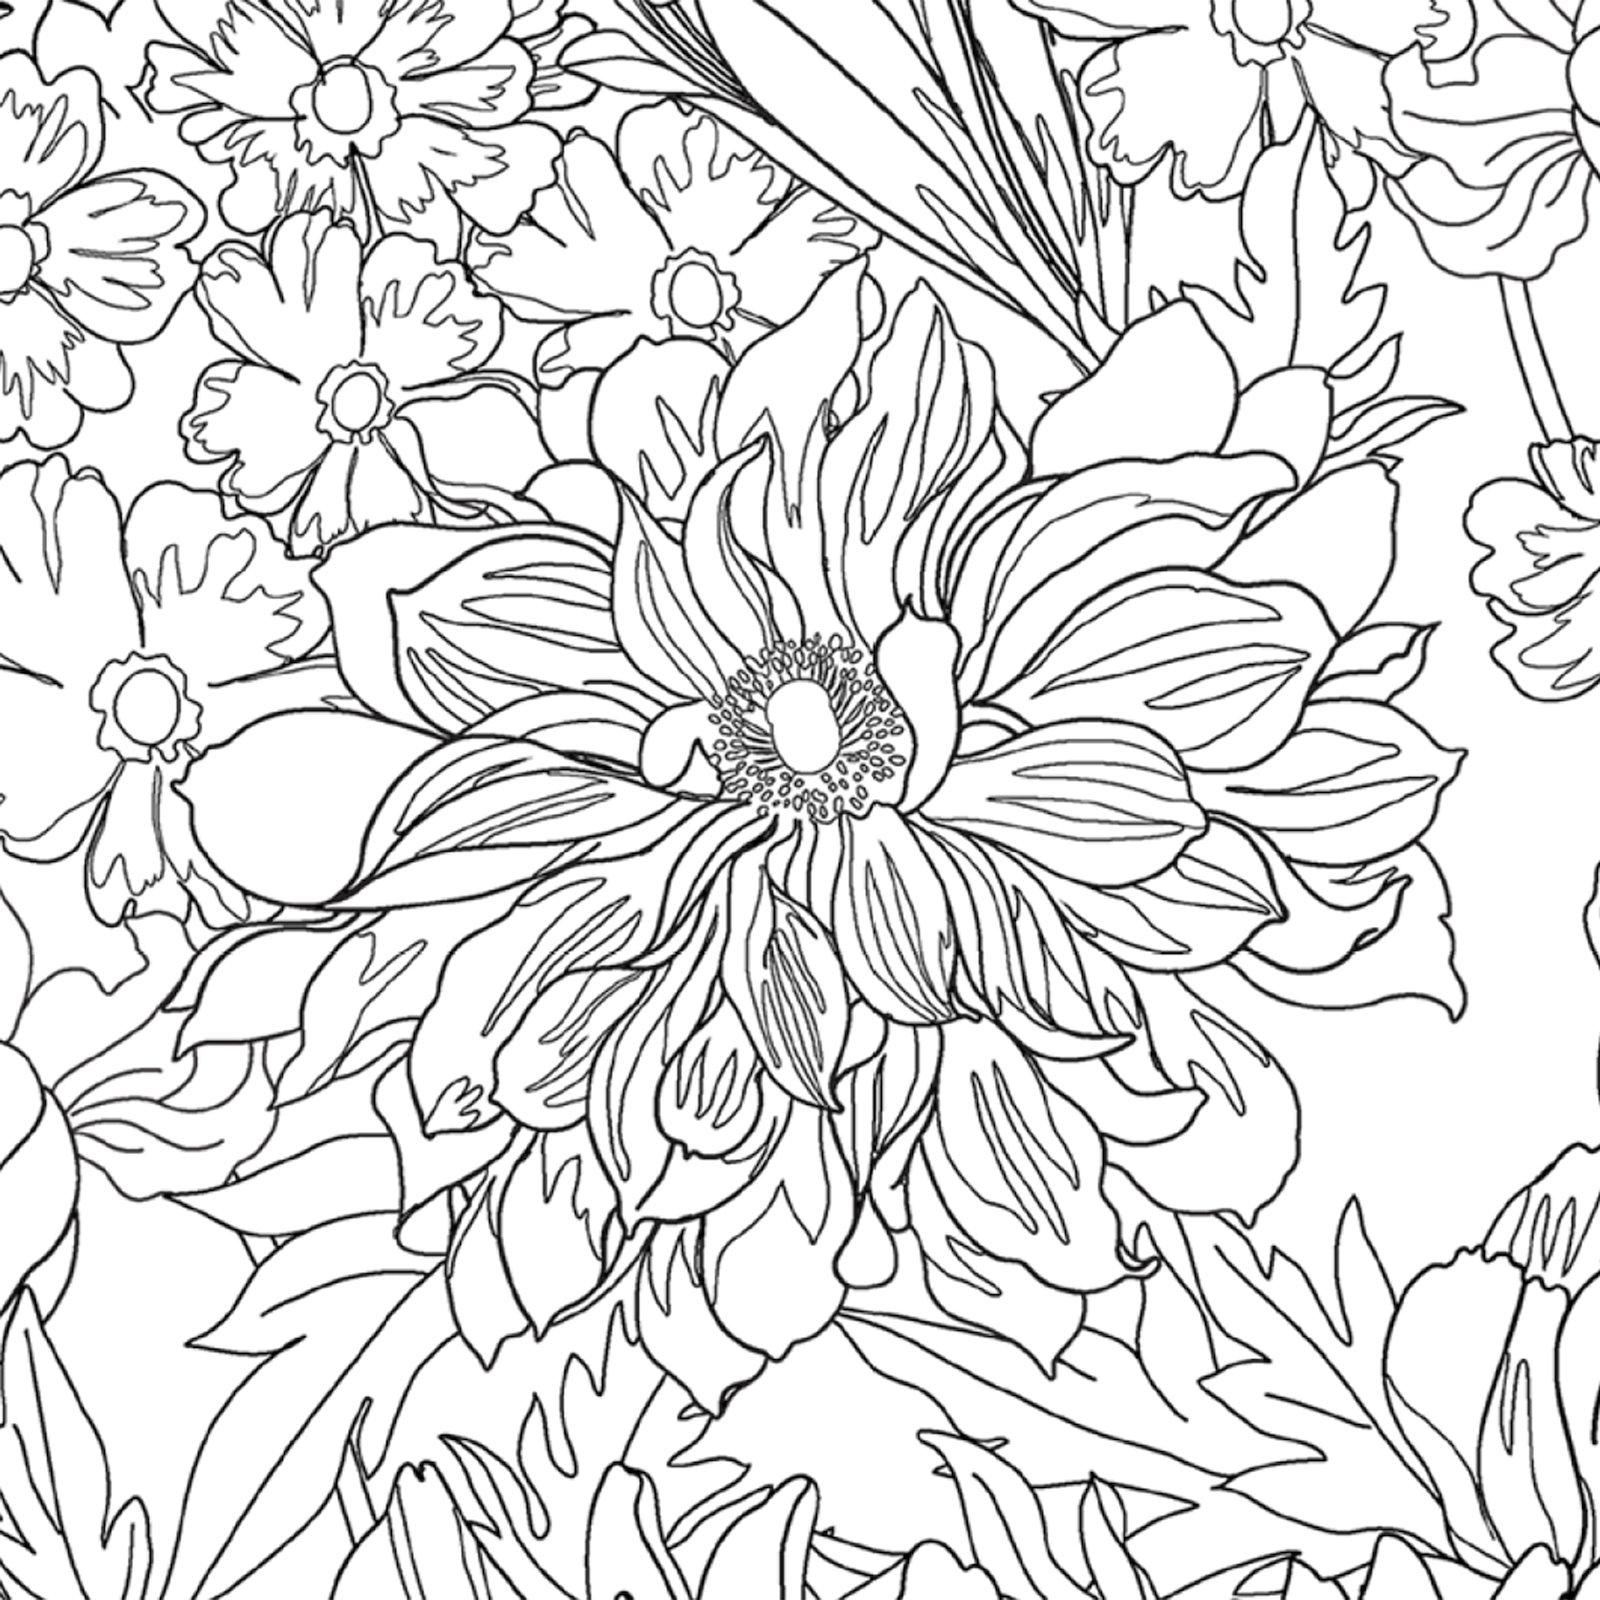 Drawings DIY1007__Drawings.jpg